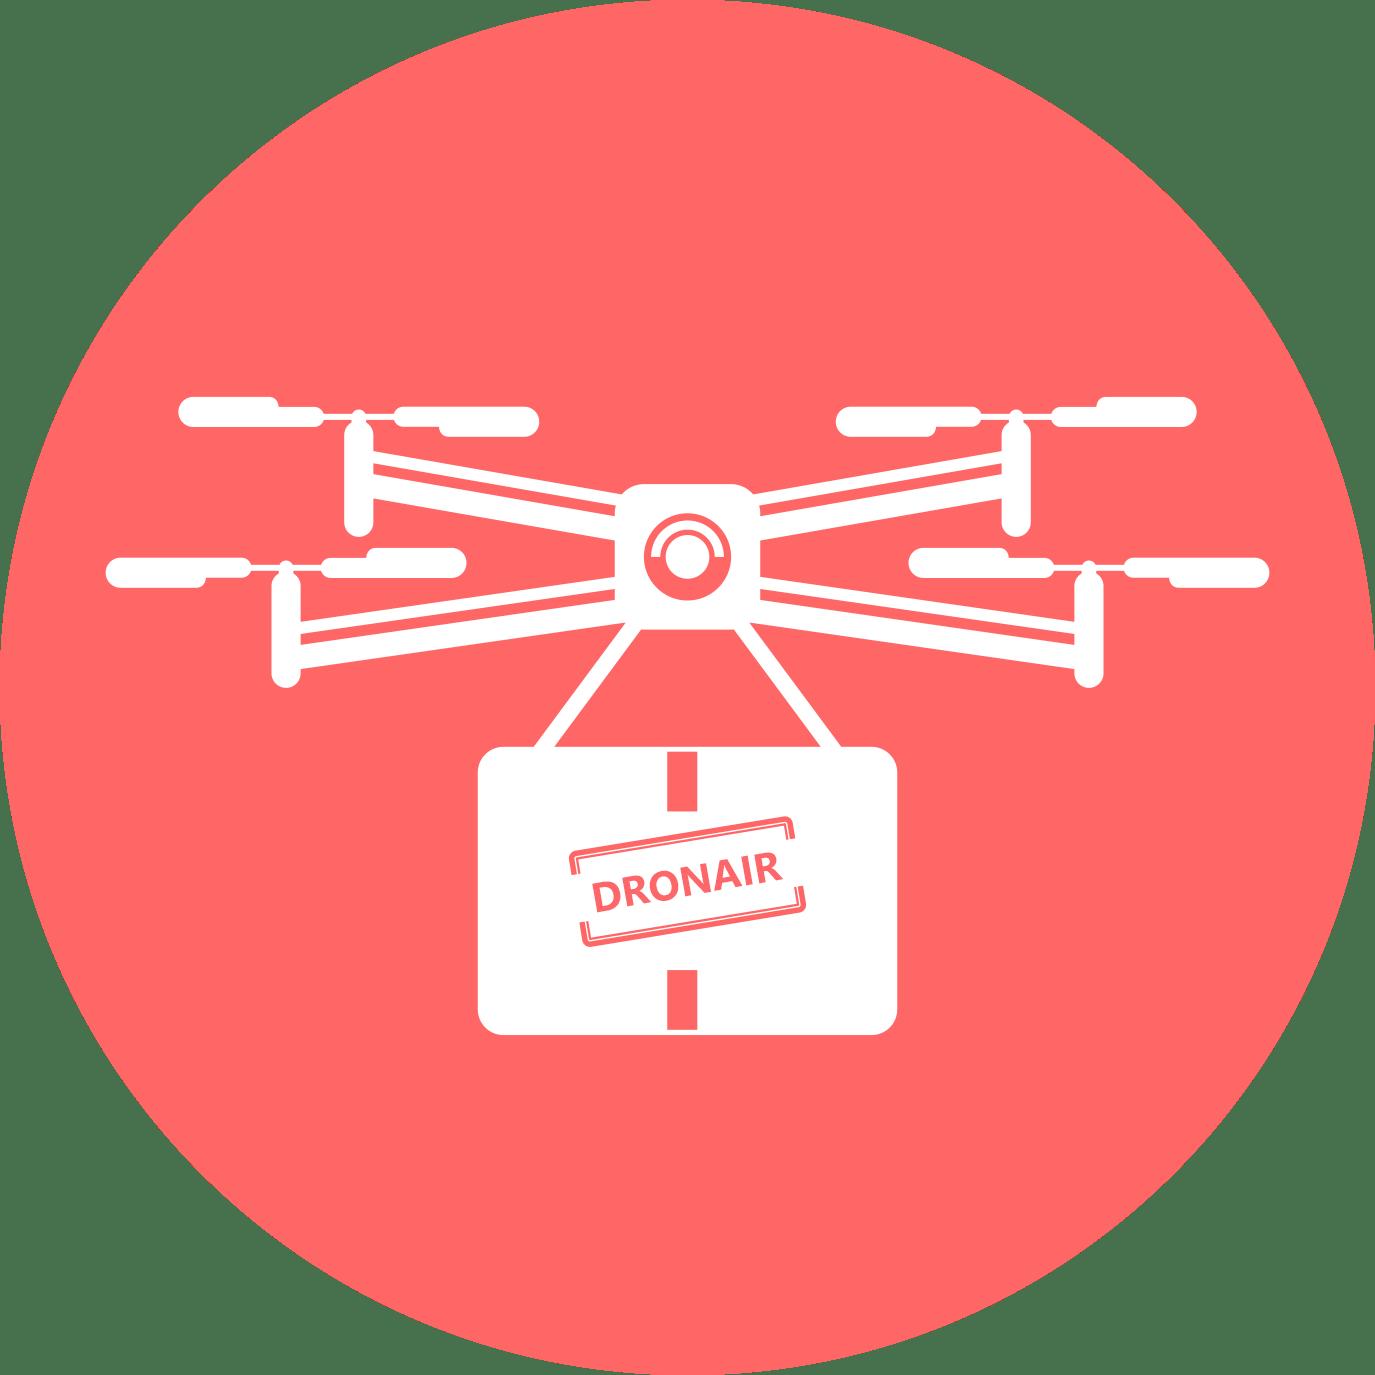 Airdrop ➔ Dronair ($10 в токенах DAIR)